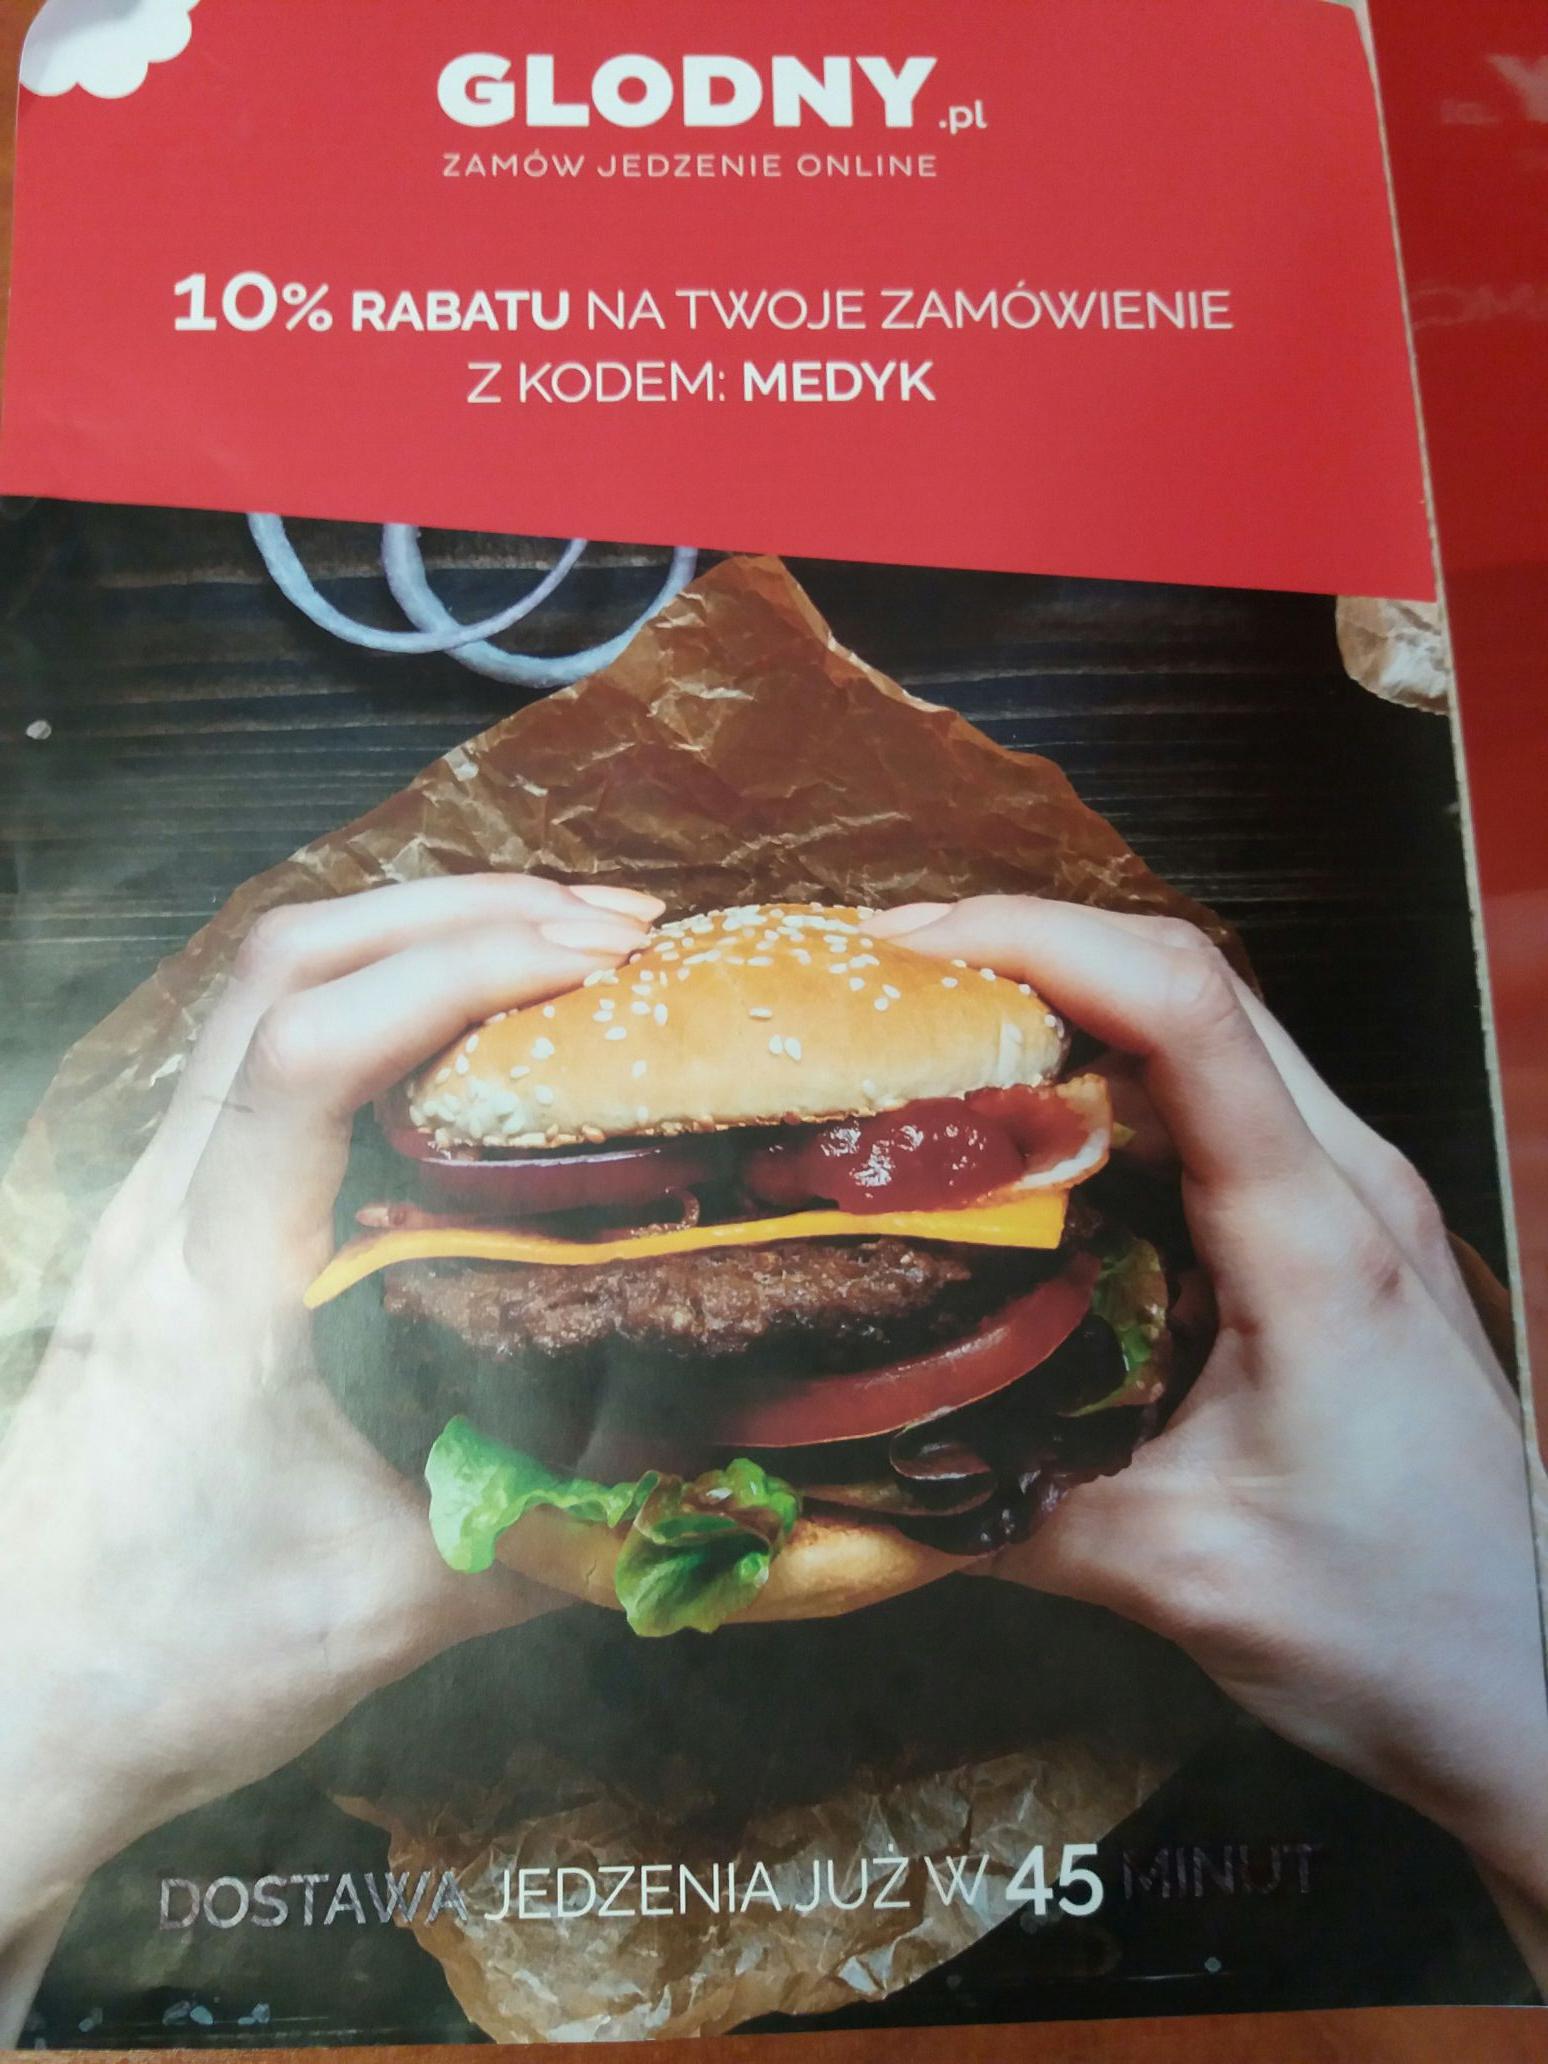 10% rabatu glodny.pl Poznań